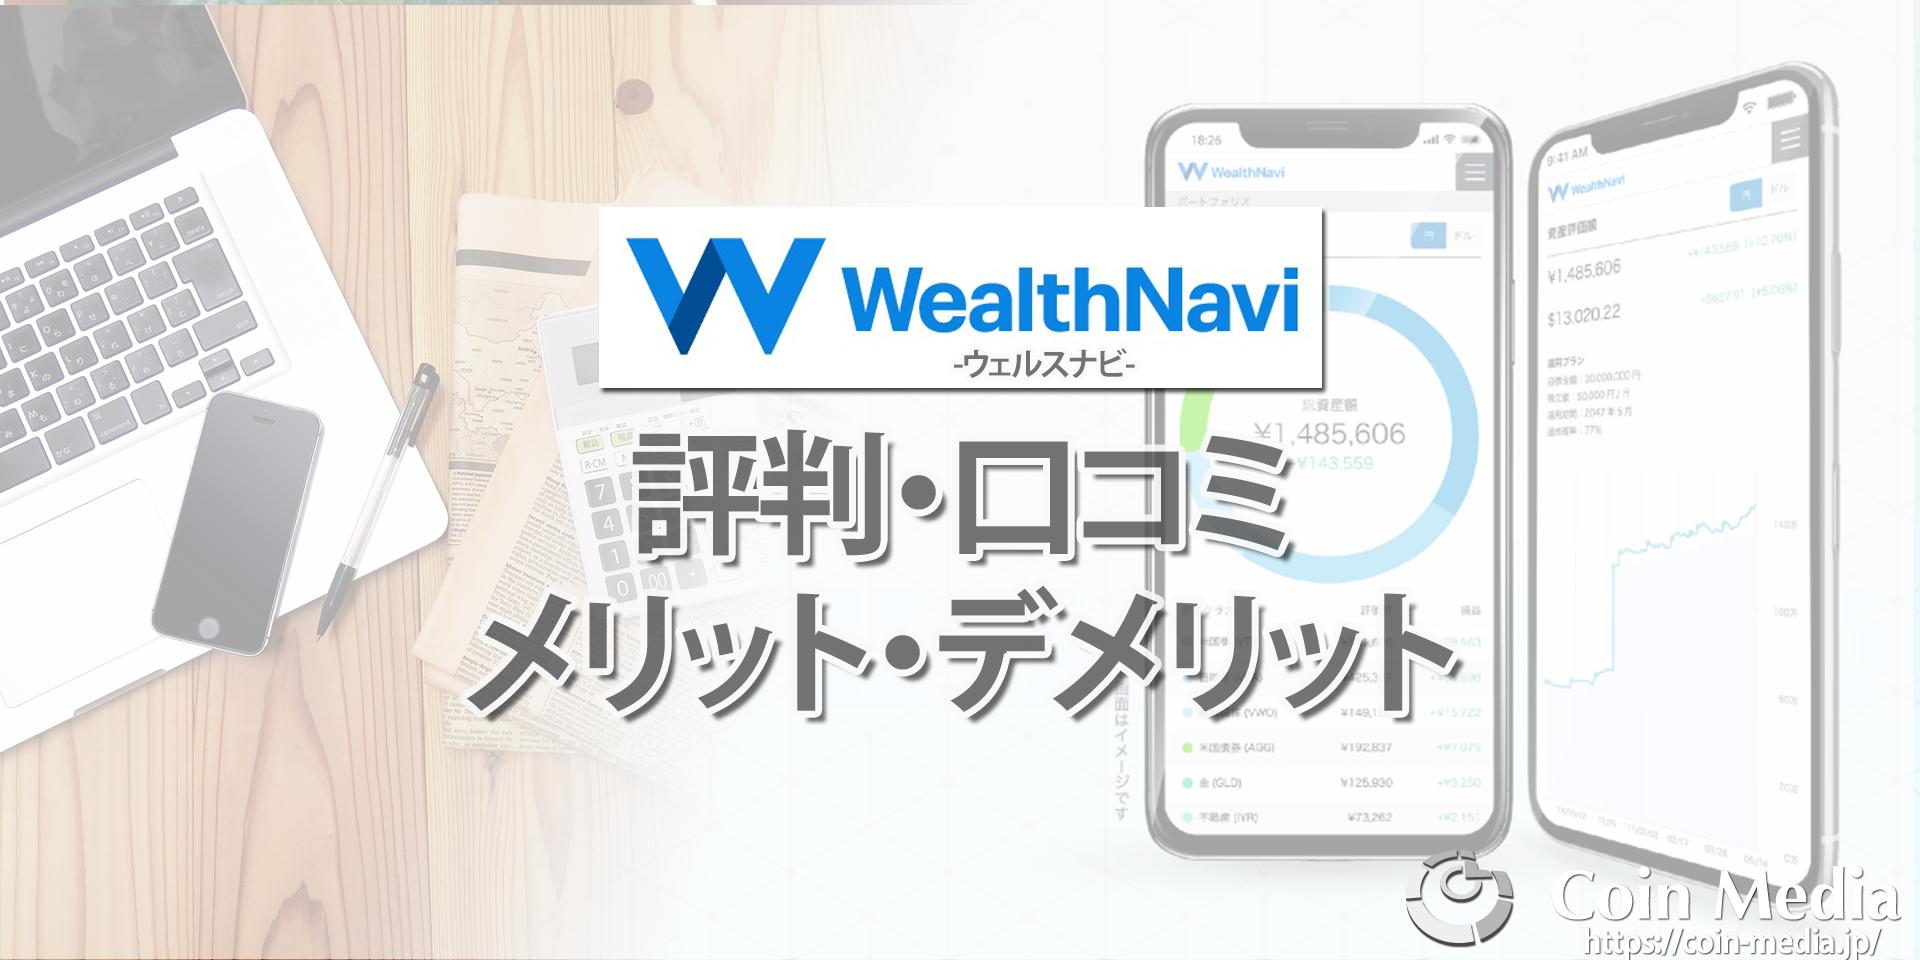 ウェルスナビ評判・口コミ メリット・デメリット